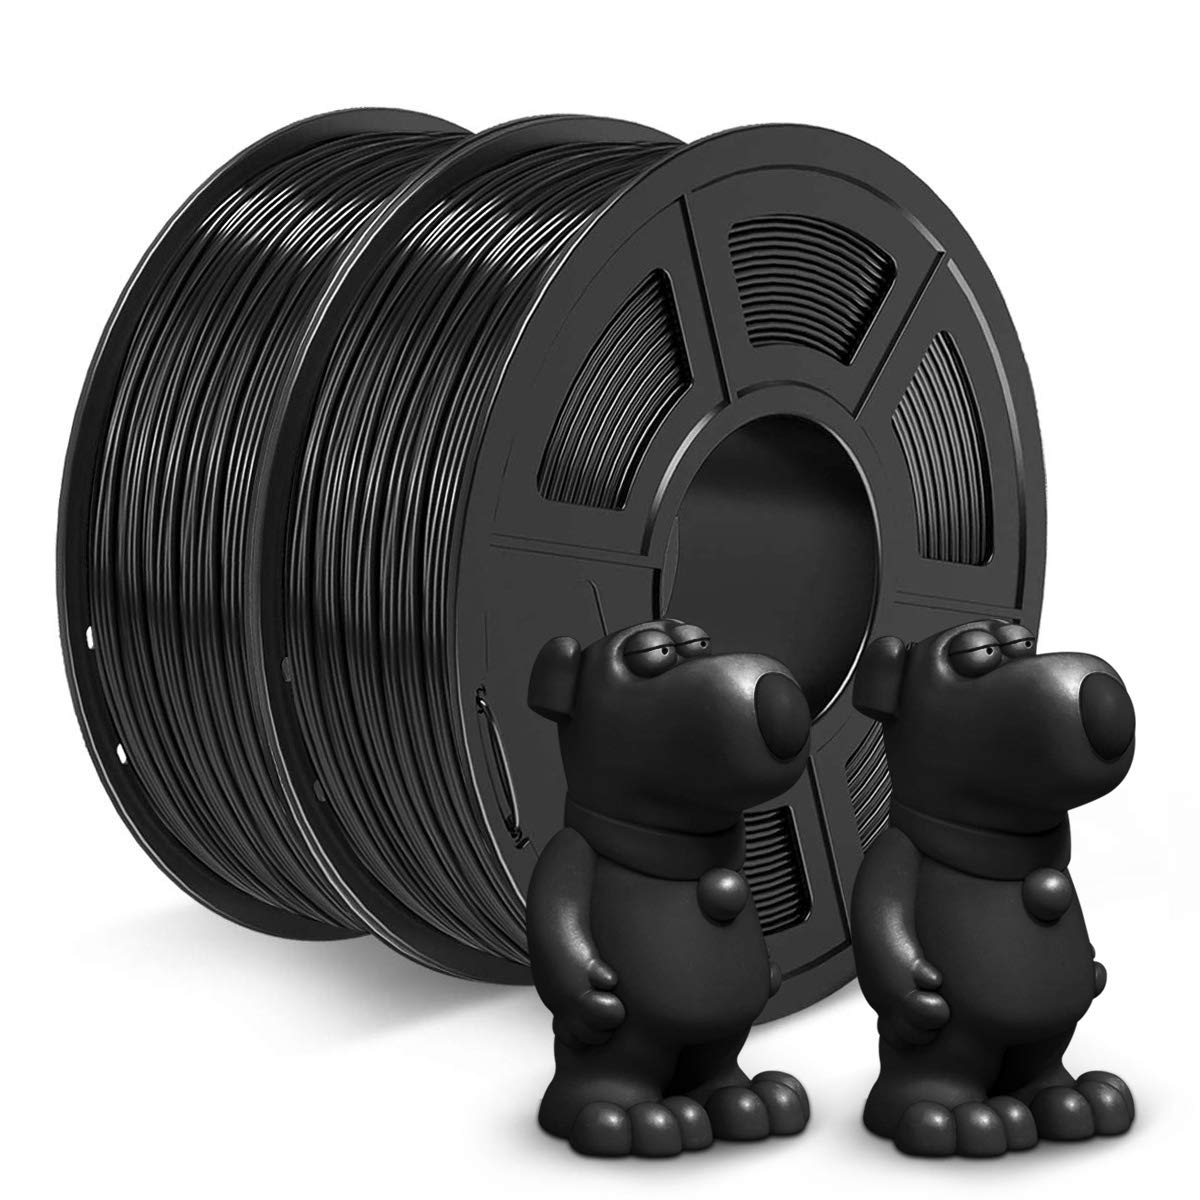 JAYO ABS Filament 1.75mm 2kg Printer 4.4lbs New item 3D Ranking TOP5 Fila Spool